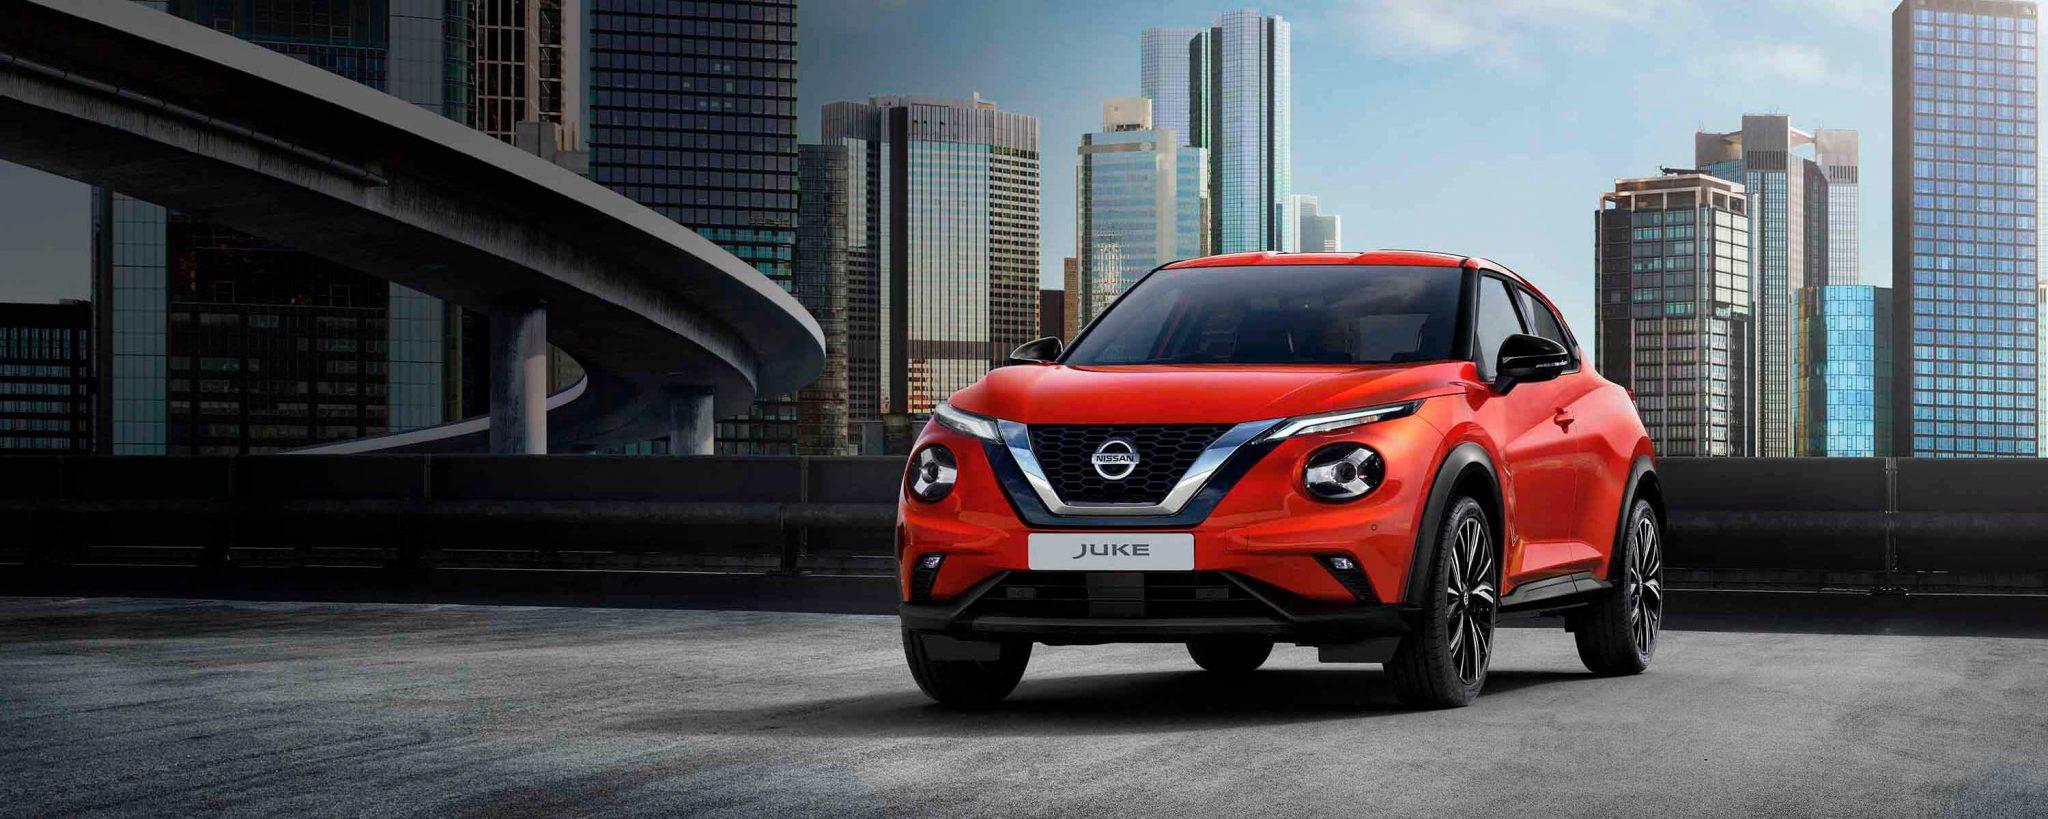 2021 Nissan Juke review   CarTell.tv